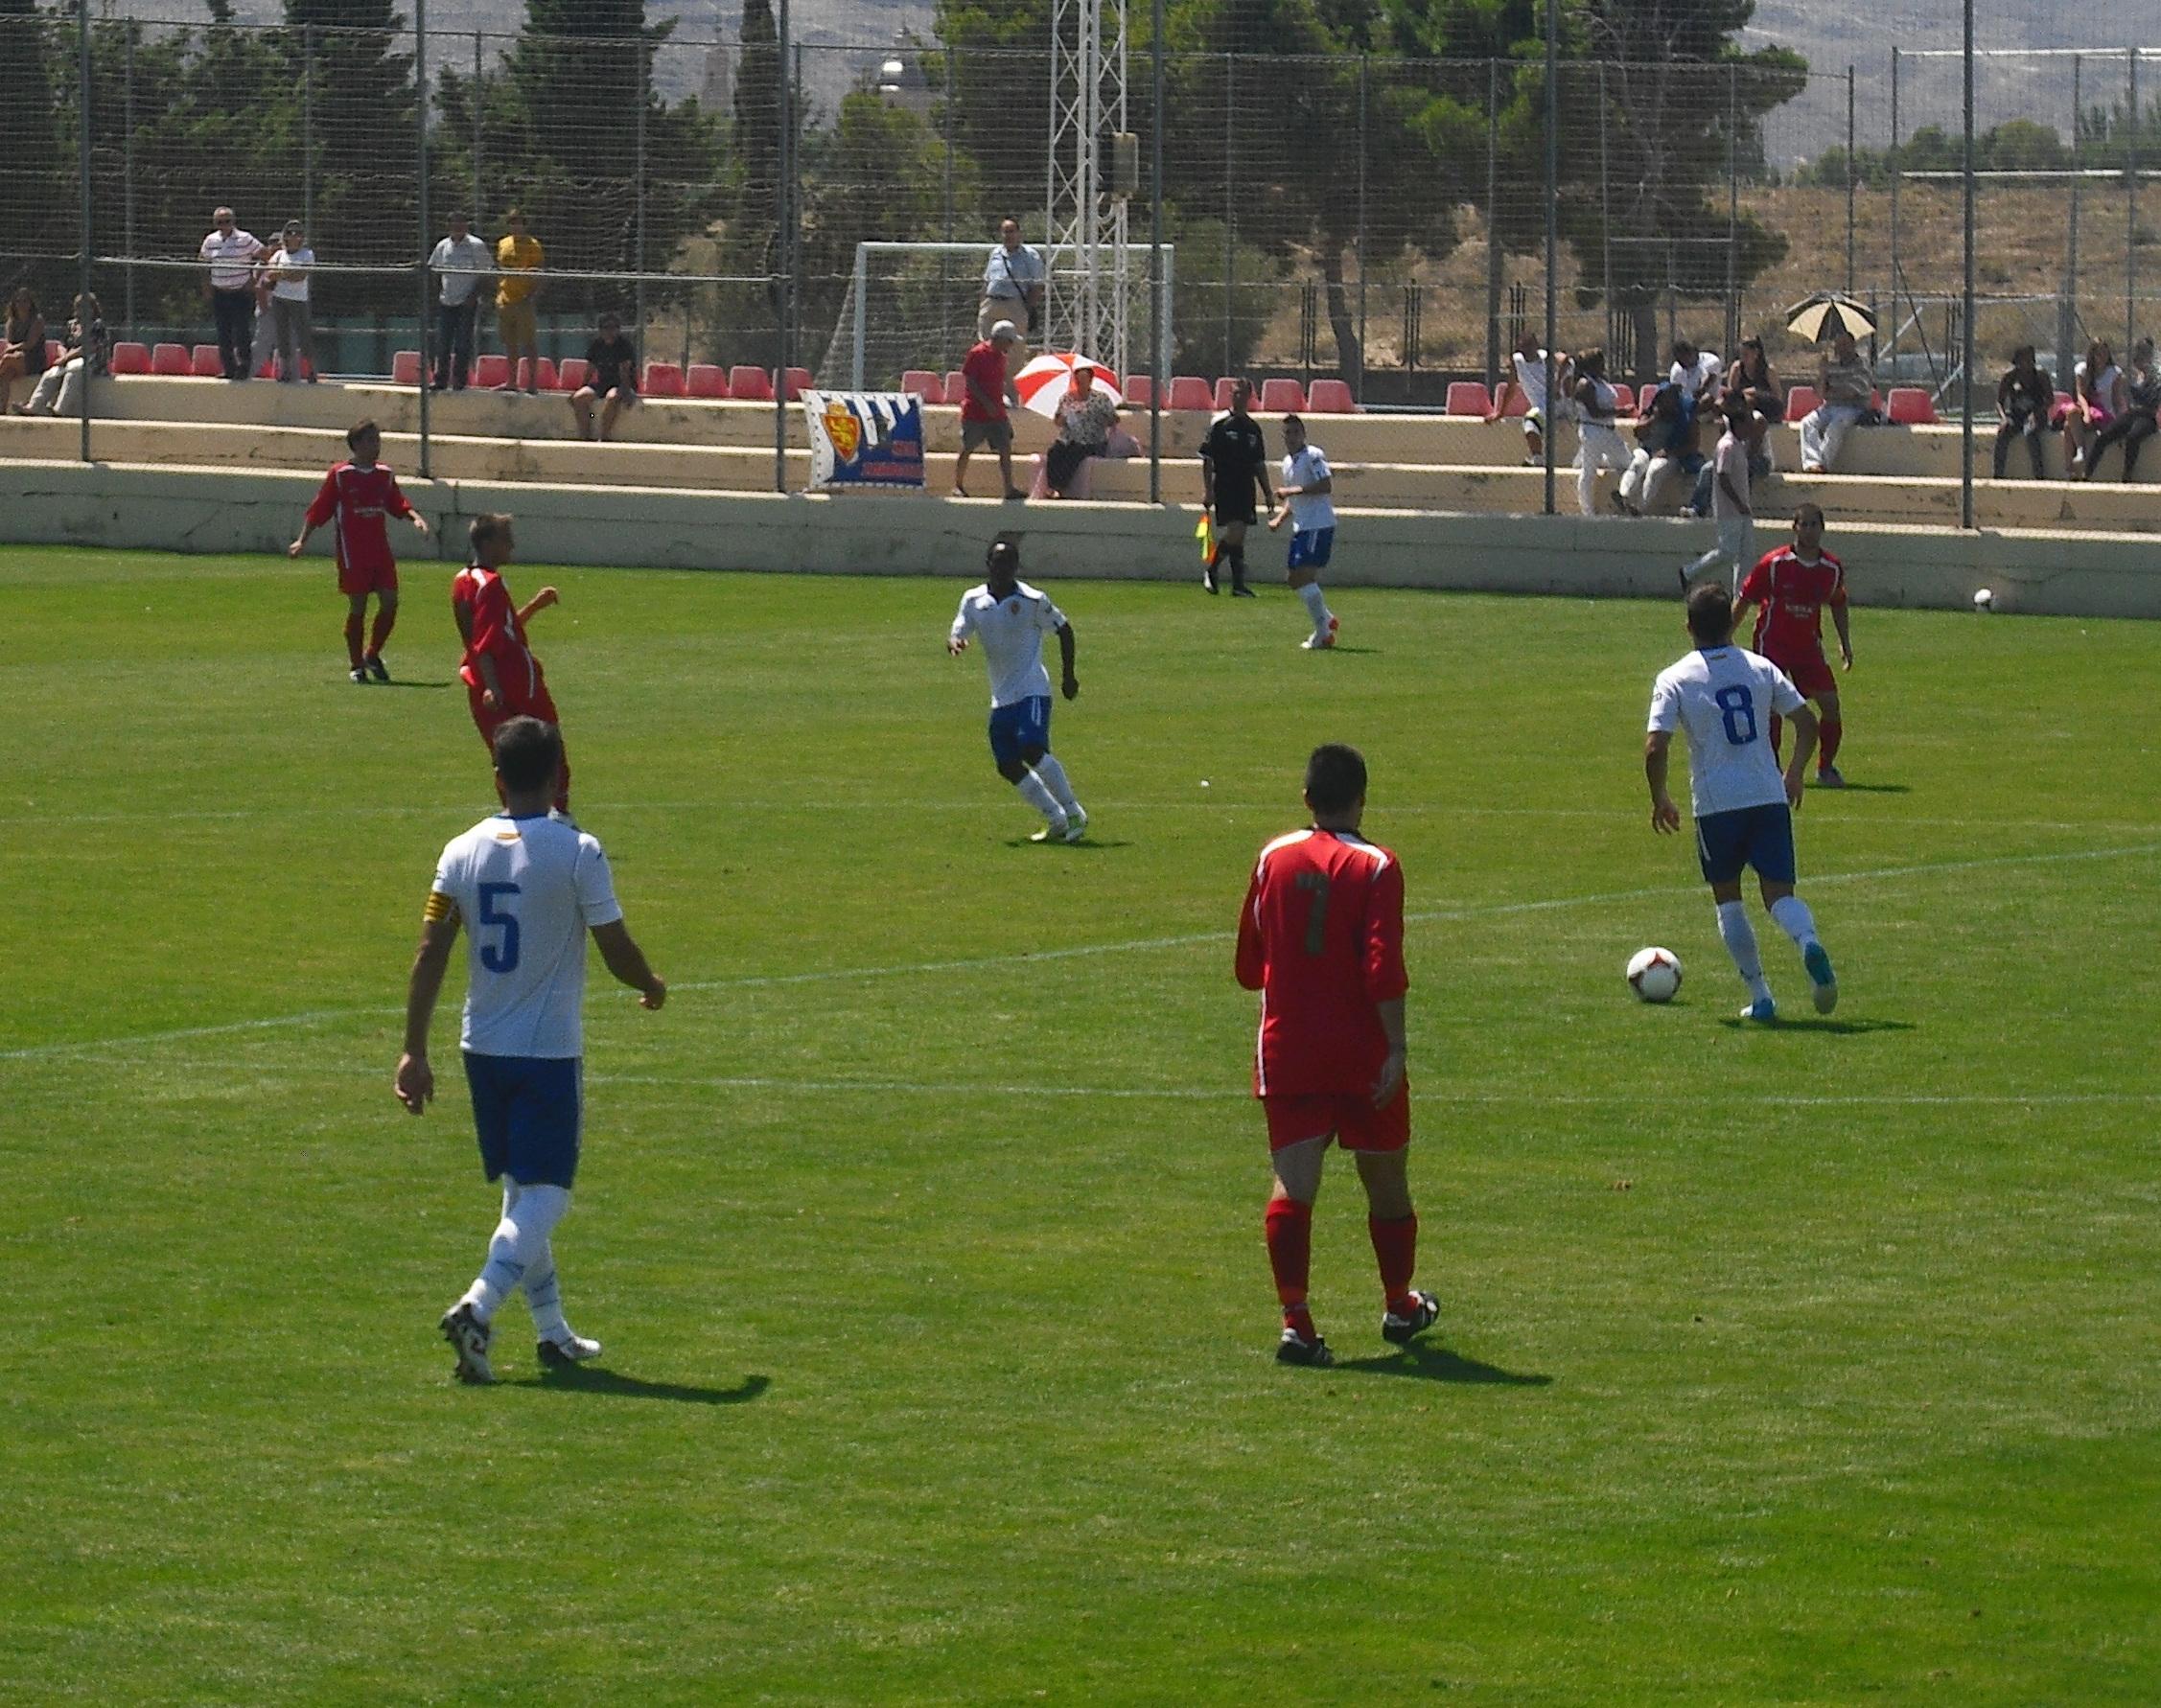 El filial golea y pasa de ronda en la Copa Federacion